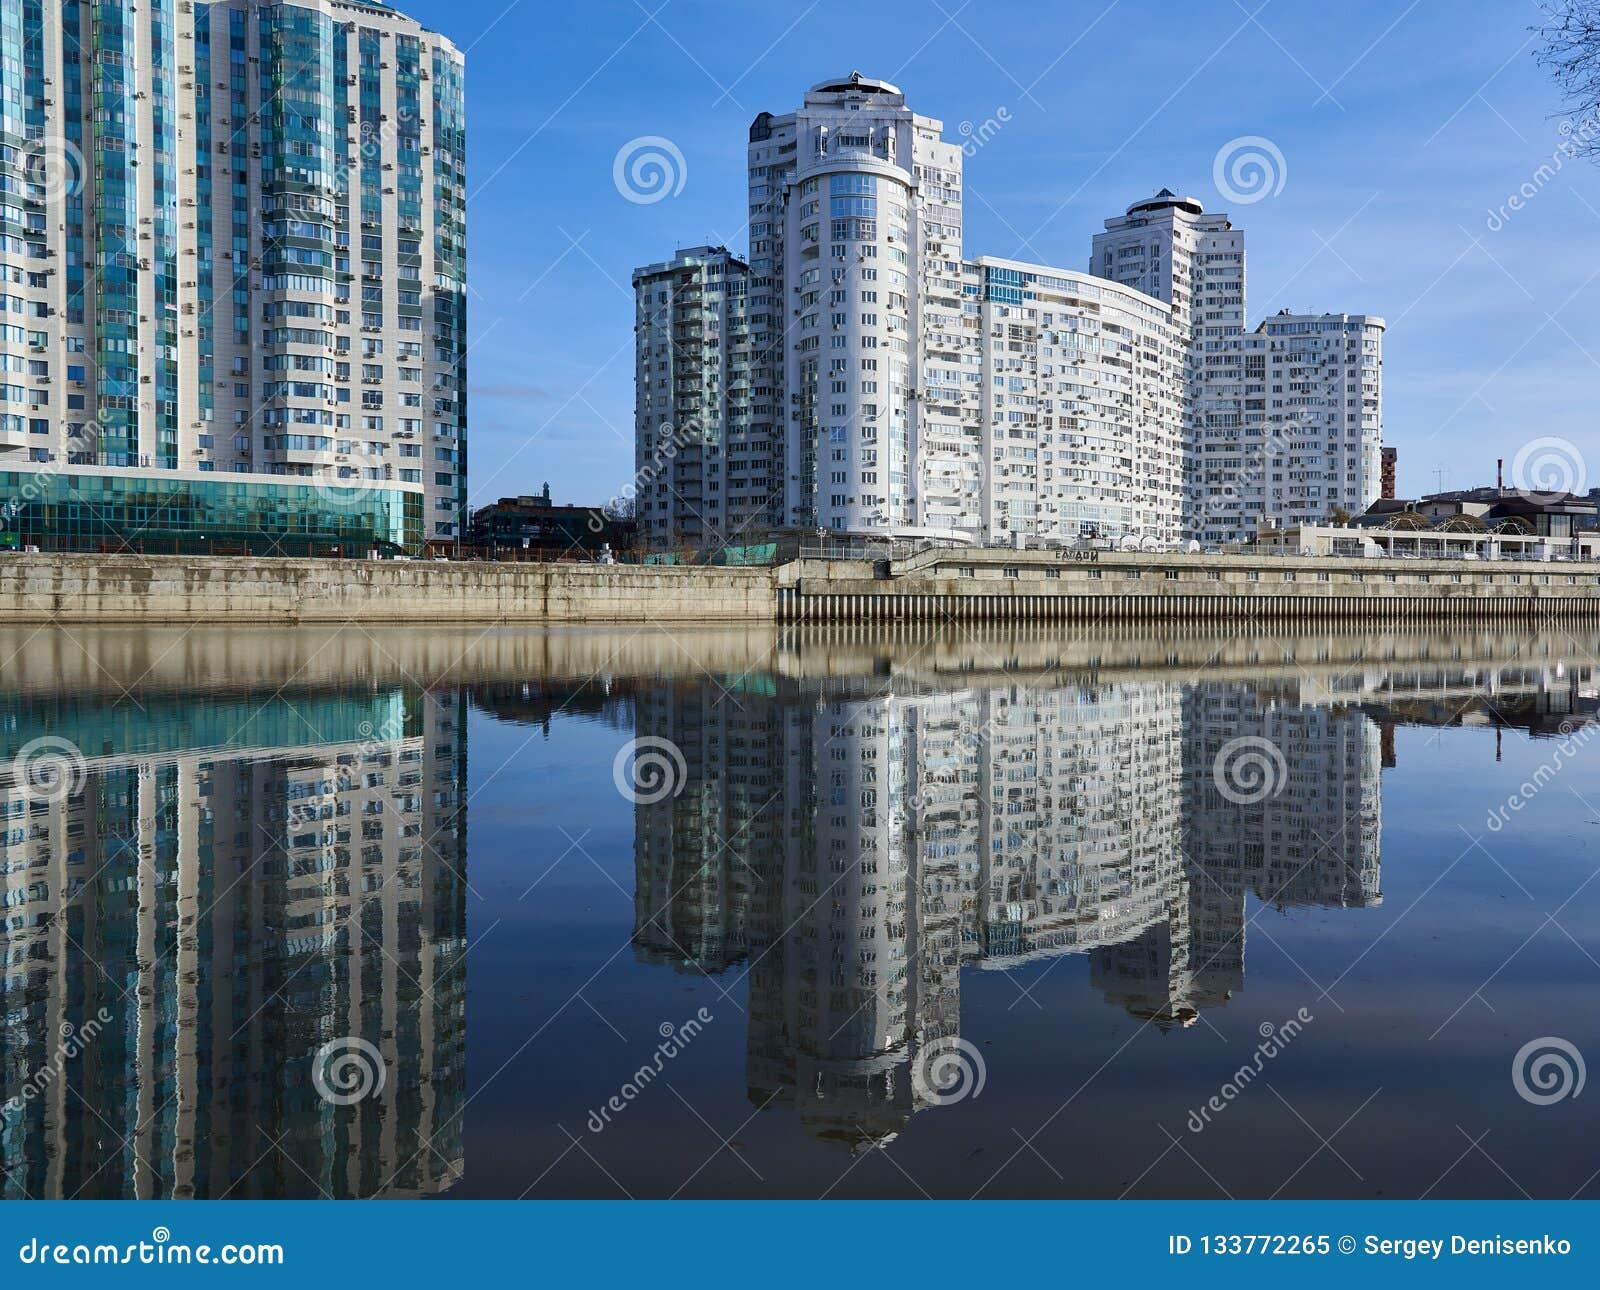 JK Brigantina Kubanskaya Naberezhnaya 31-1 Verbazende mening van de luxe woon van complexe wolkenkrabbers